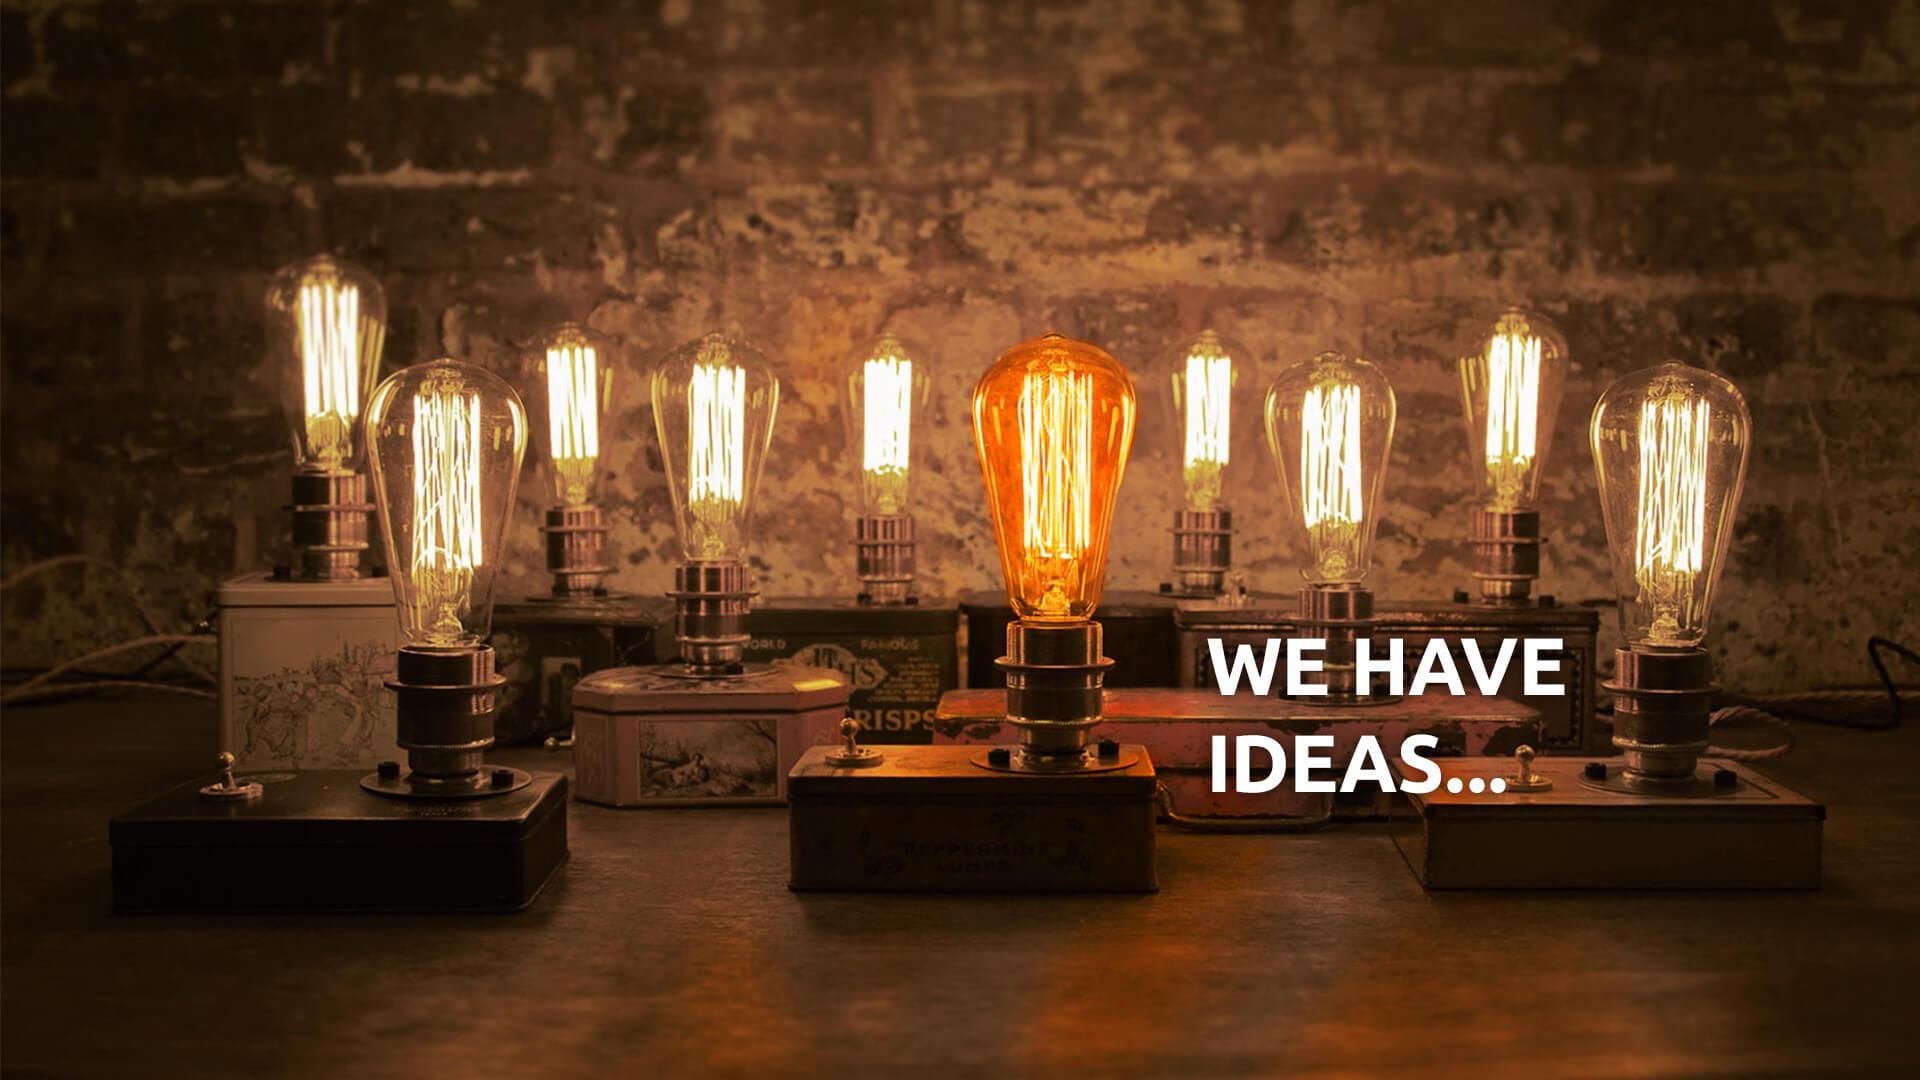 У нас есть идеи для вашего дизайна